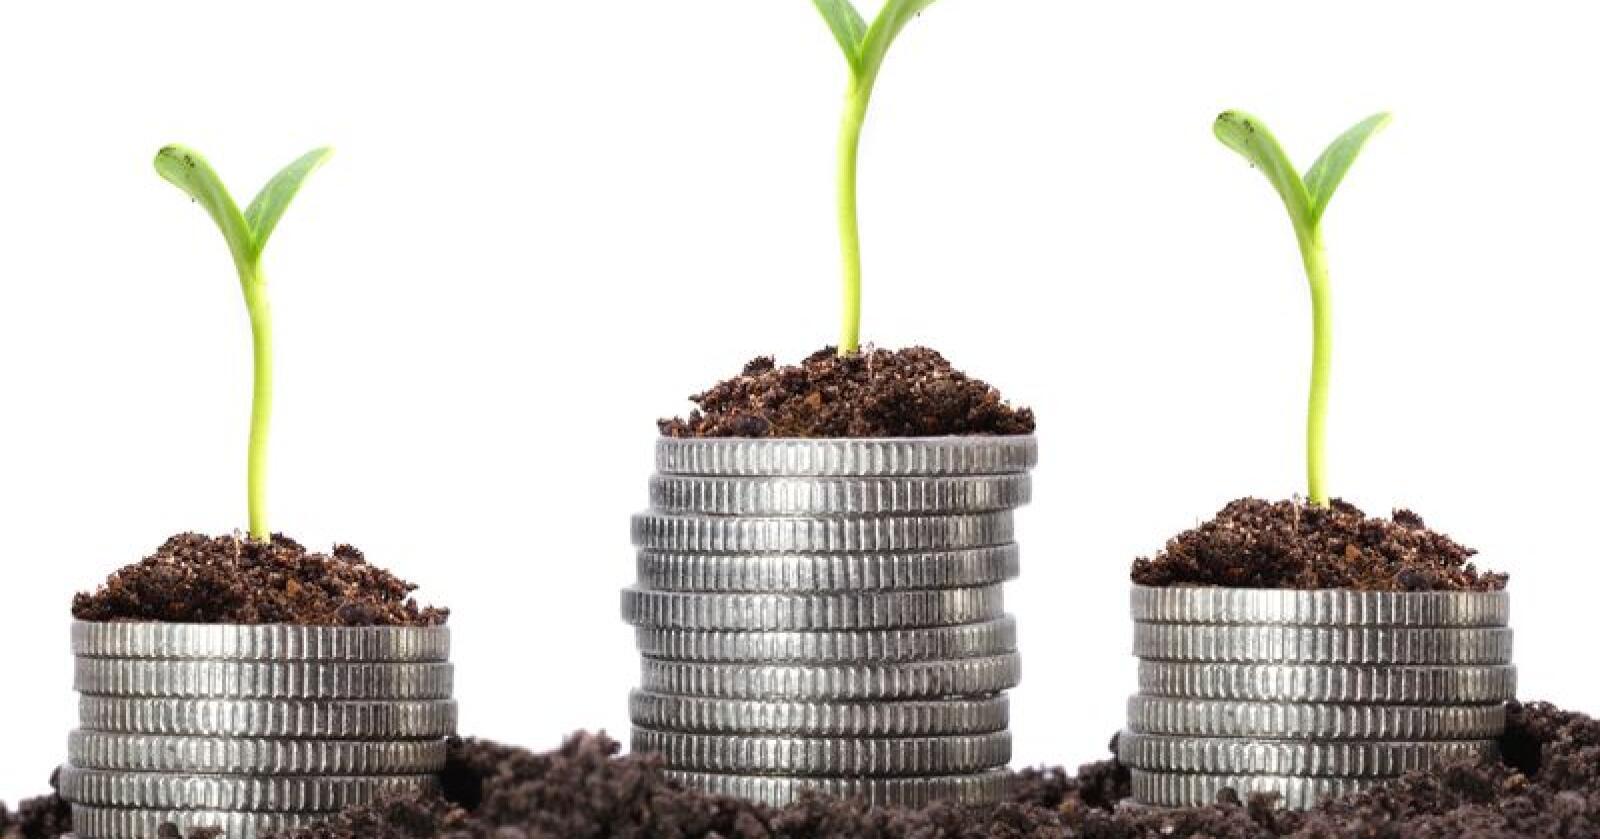 Søkerne vil normalt motta pengene på sin konto innen fredag 21. februar. Foto: Shutterstock